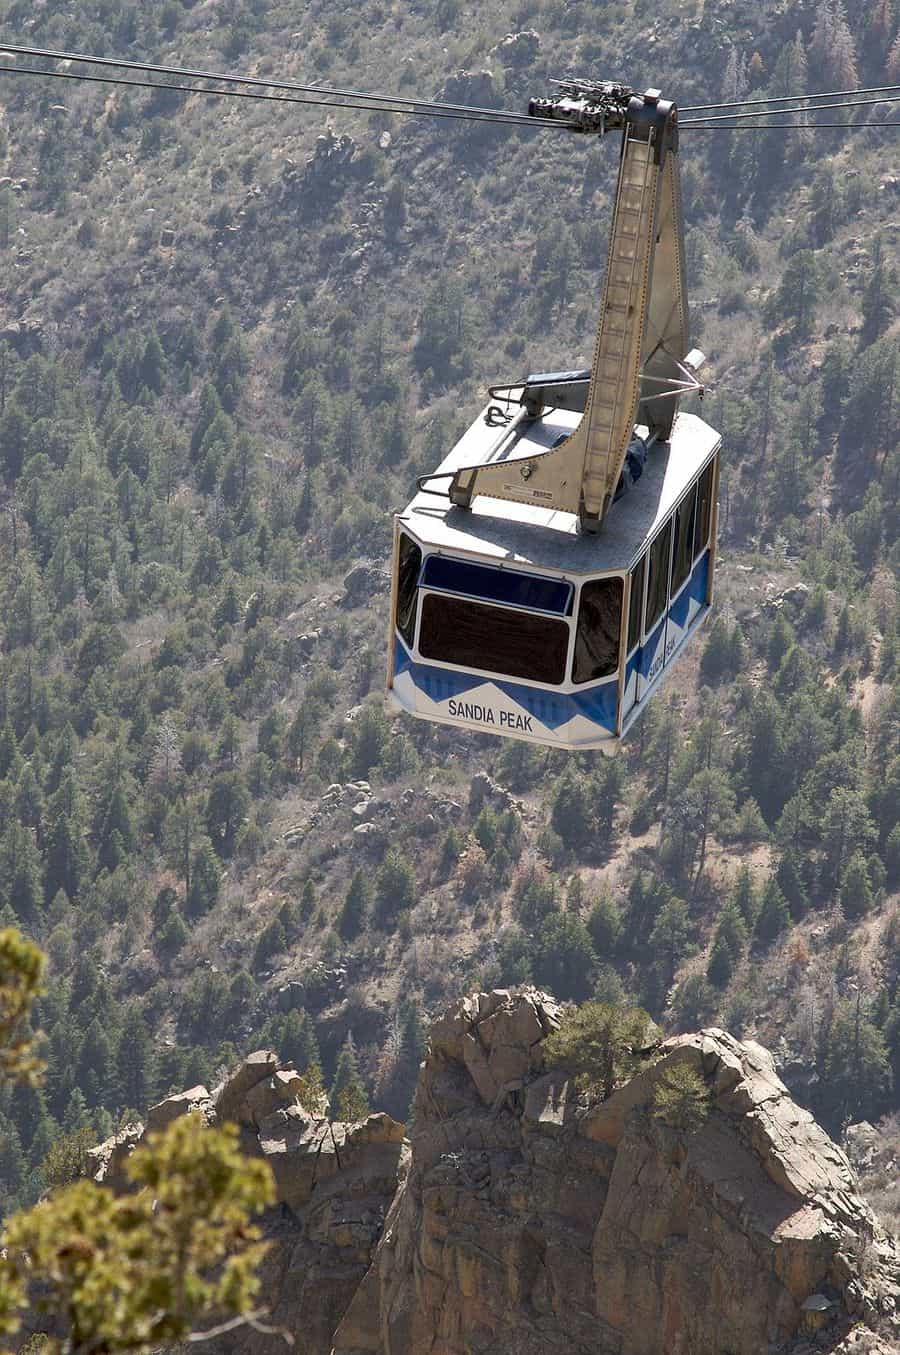 Sandia Peak Aerial Tram